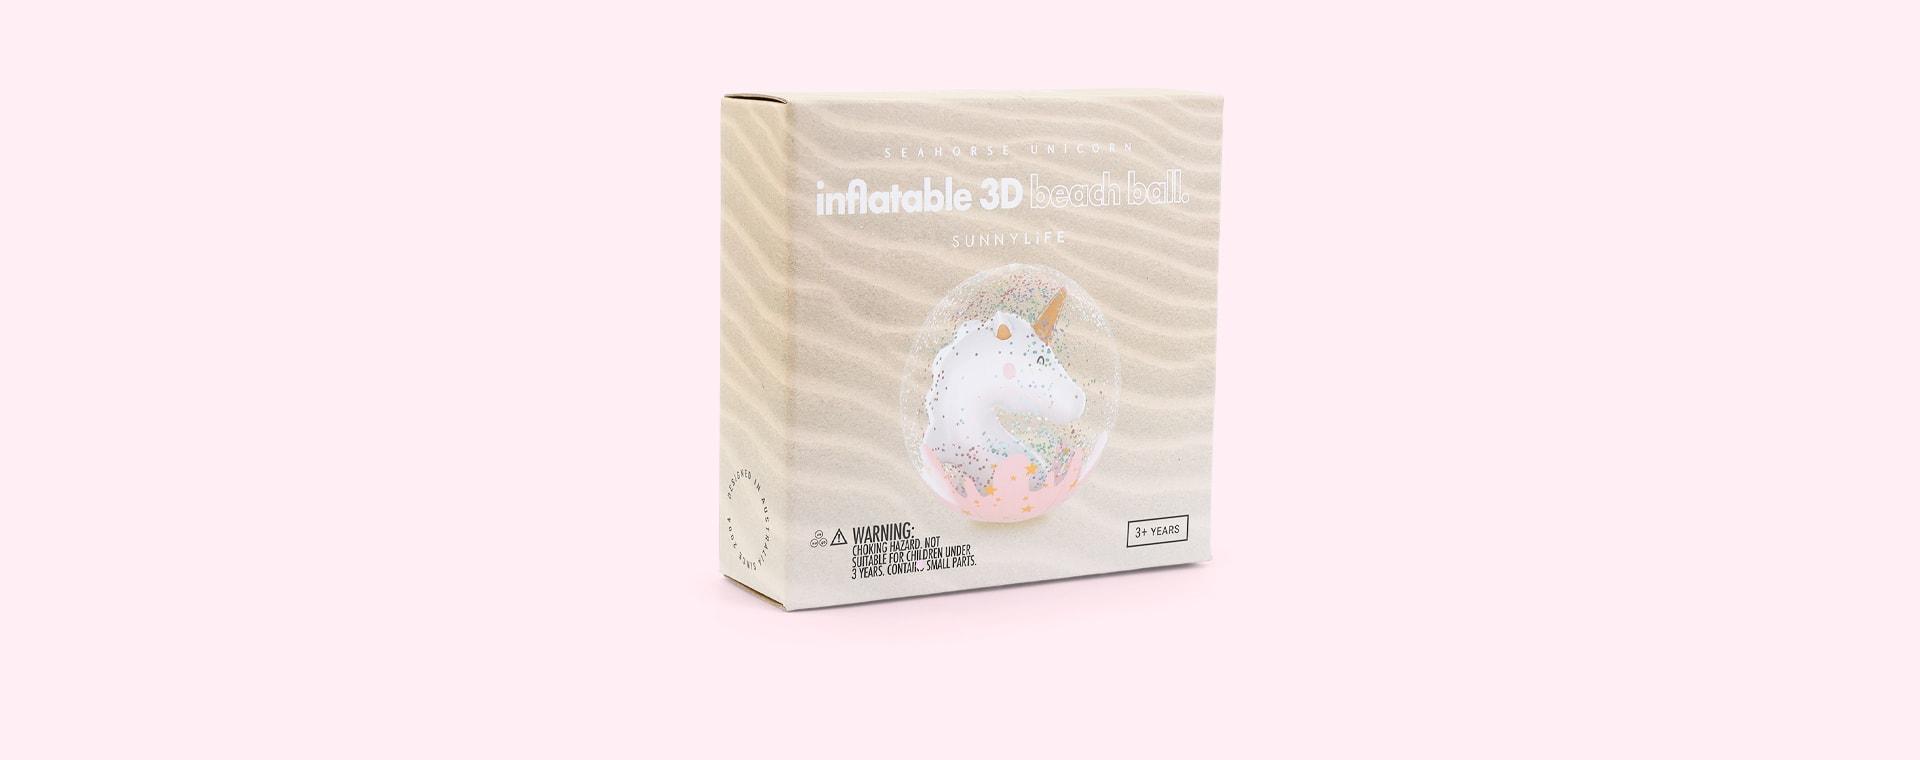 Seahorse Unicorn Sunnylife 3D Inflatable Beach Ball